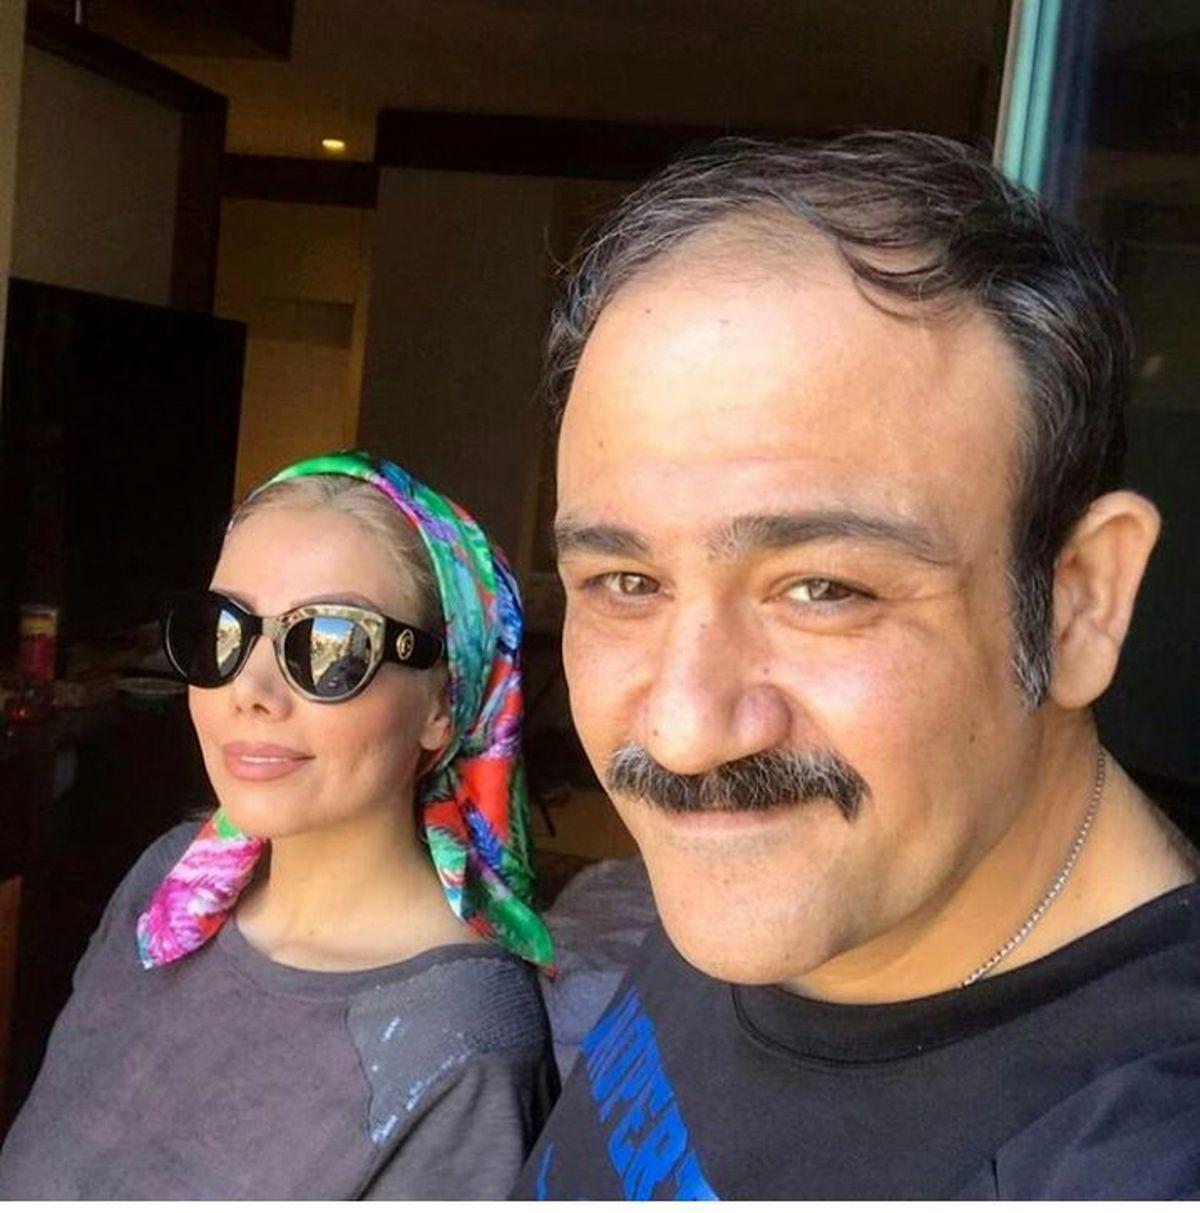 مهران غفوریان | جنجال خودکشی مهران غفوریان + عکس